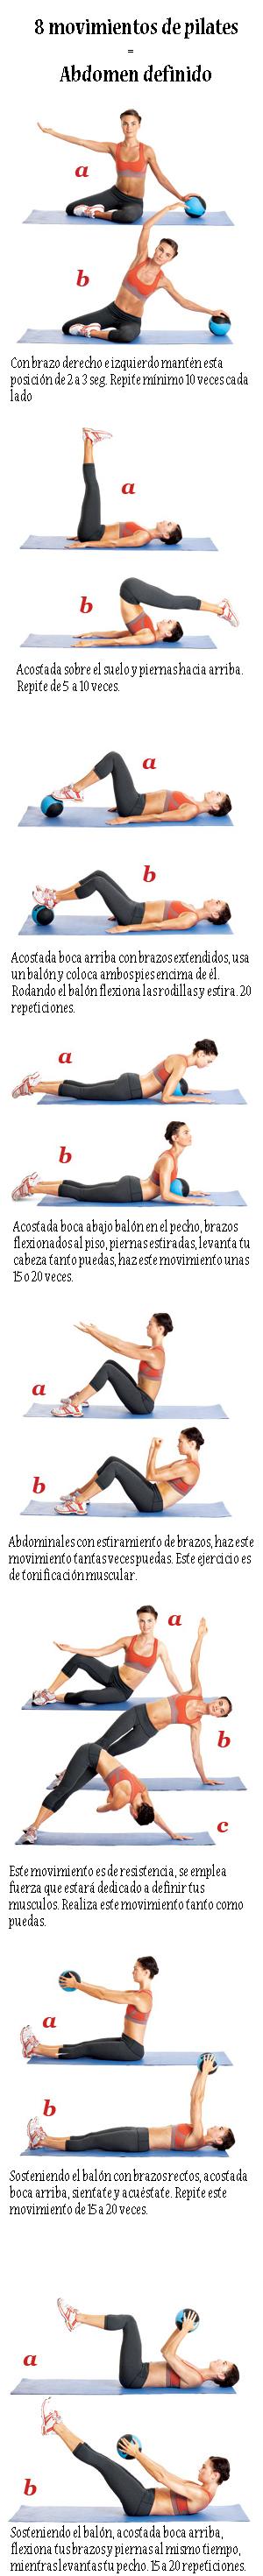 Ejercicio de pilates para abdomen